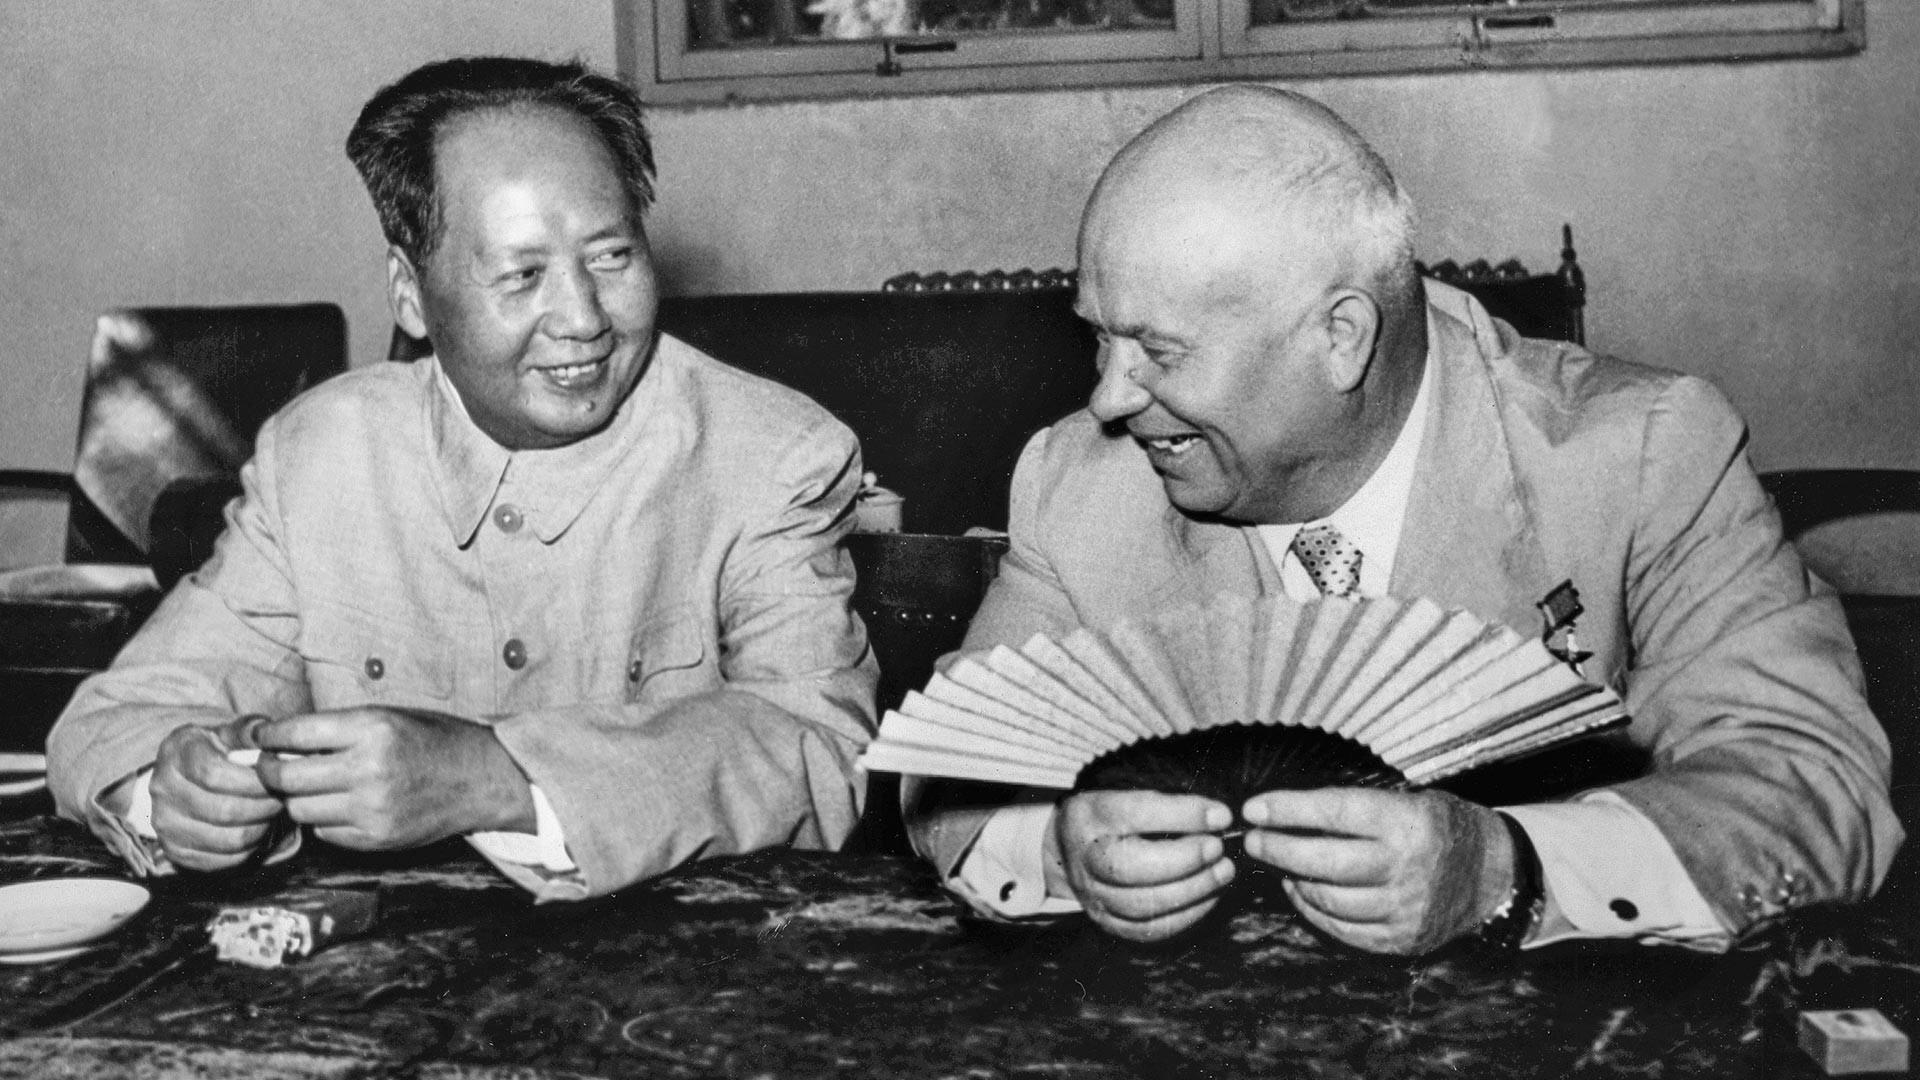 Une photo avec le dirigeant chinois Mao Zedong lors de la visite de Khrouchtchev en Chine en 1958.